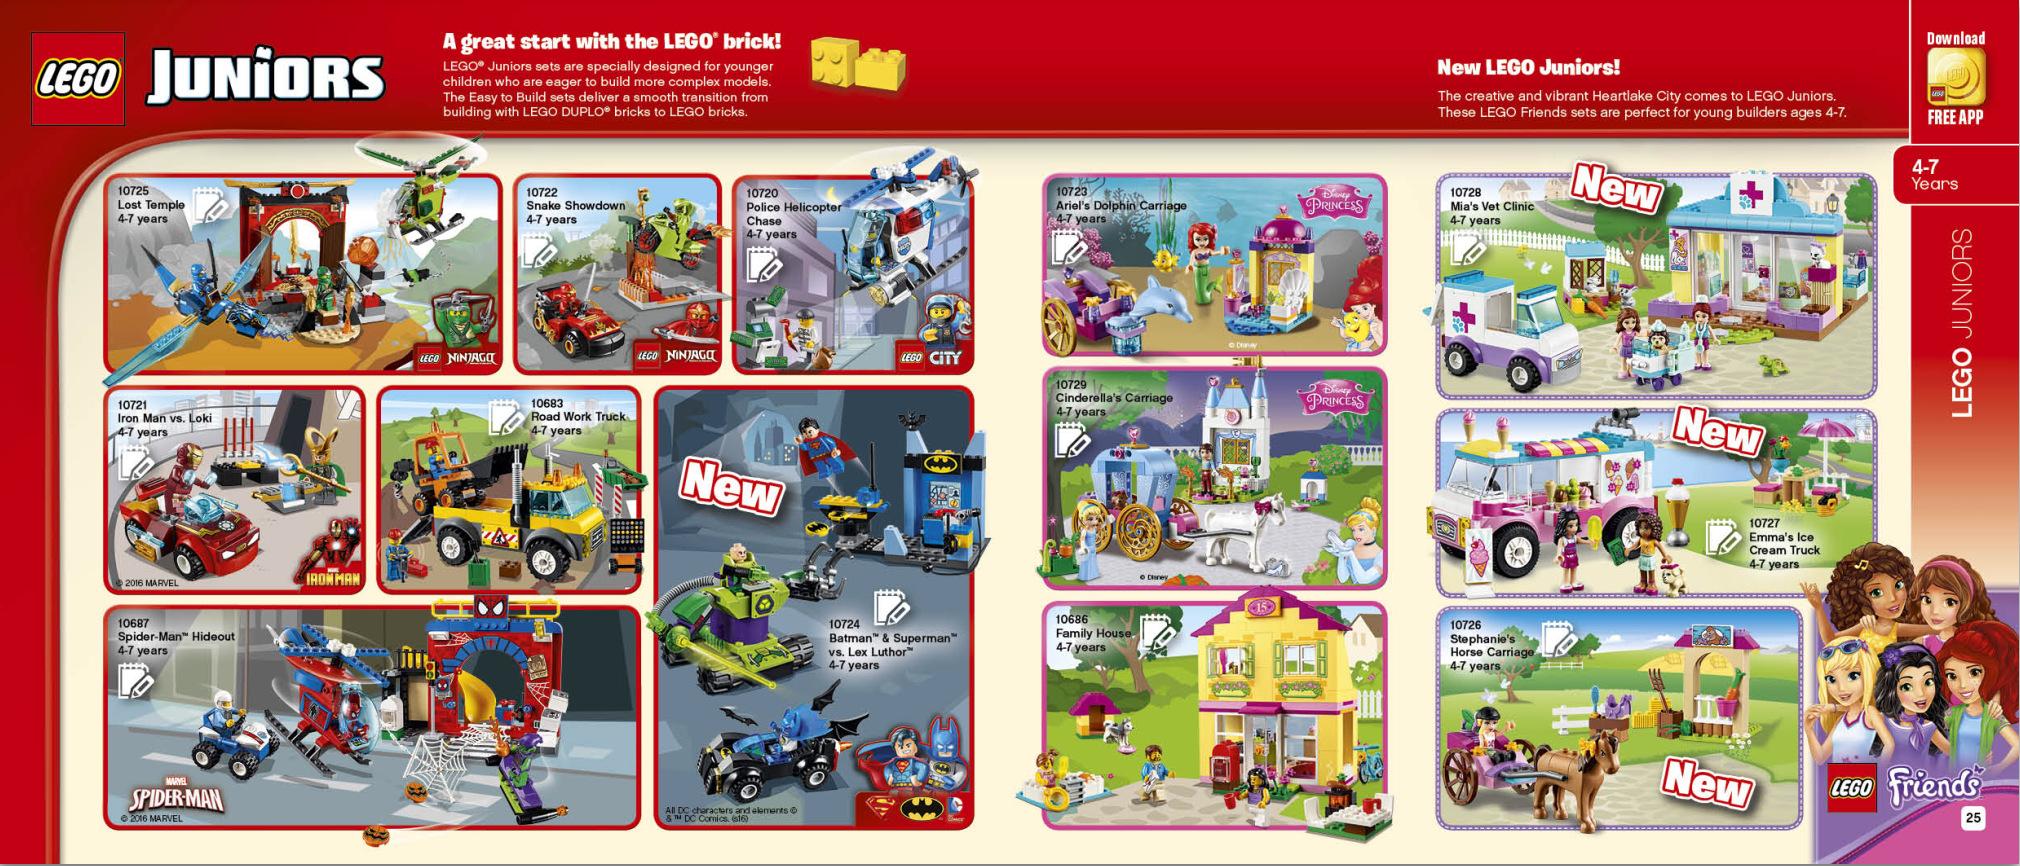 Second Half 2016 LEGO Catalogue (June – December) – Jay's